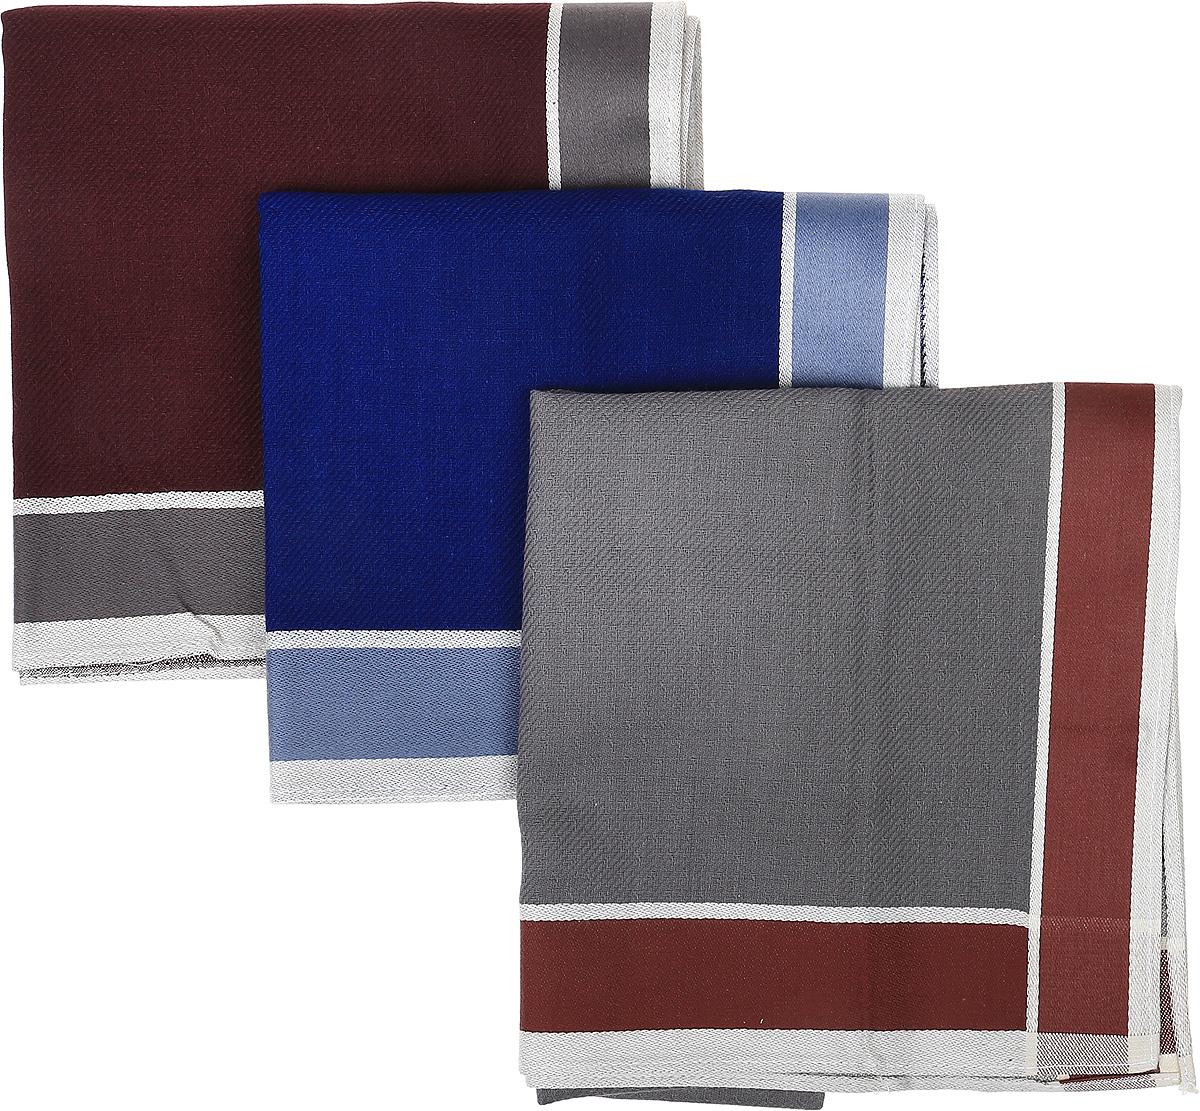 Платок носовой мужской Zlata Korunka, цвет: серый, синий, коричневый, 3 шт. 45687F-3. Размер 43 см х 43 см45687F-3Мужской носовой платой Zlata Korunka изготовлен из натурального хлопка, приятен в использовании, хорошо стирается, материал не садится и отлично впитывает влагу. Оформлена модель контрастным принтом.